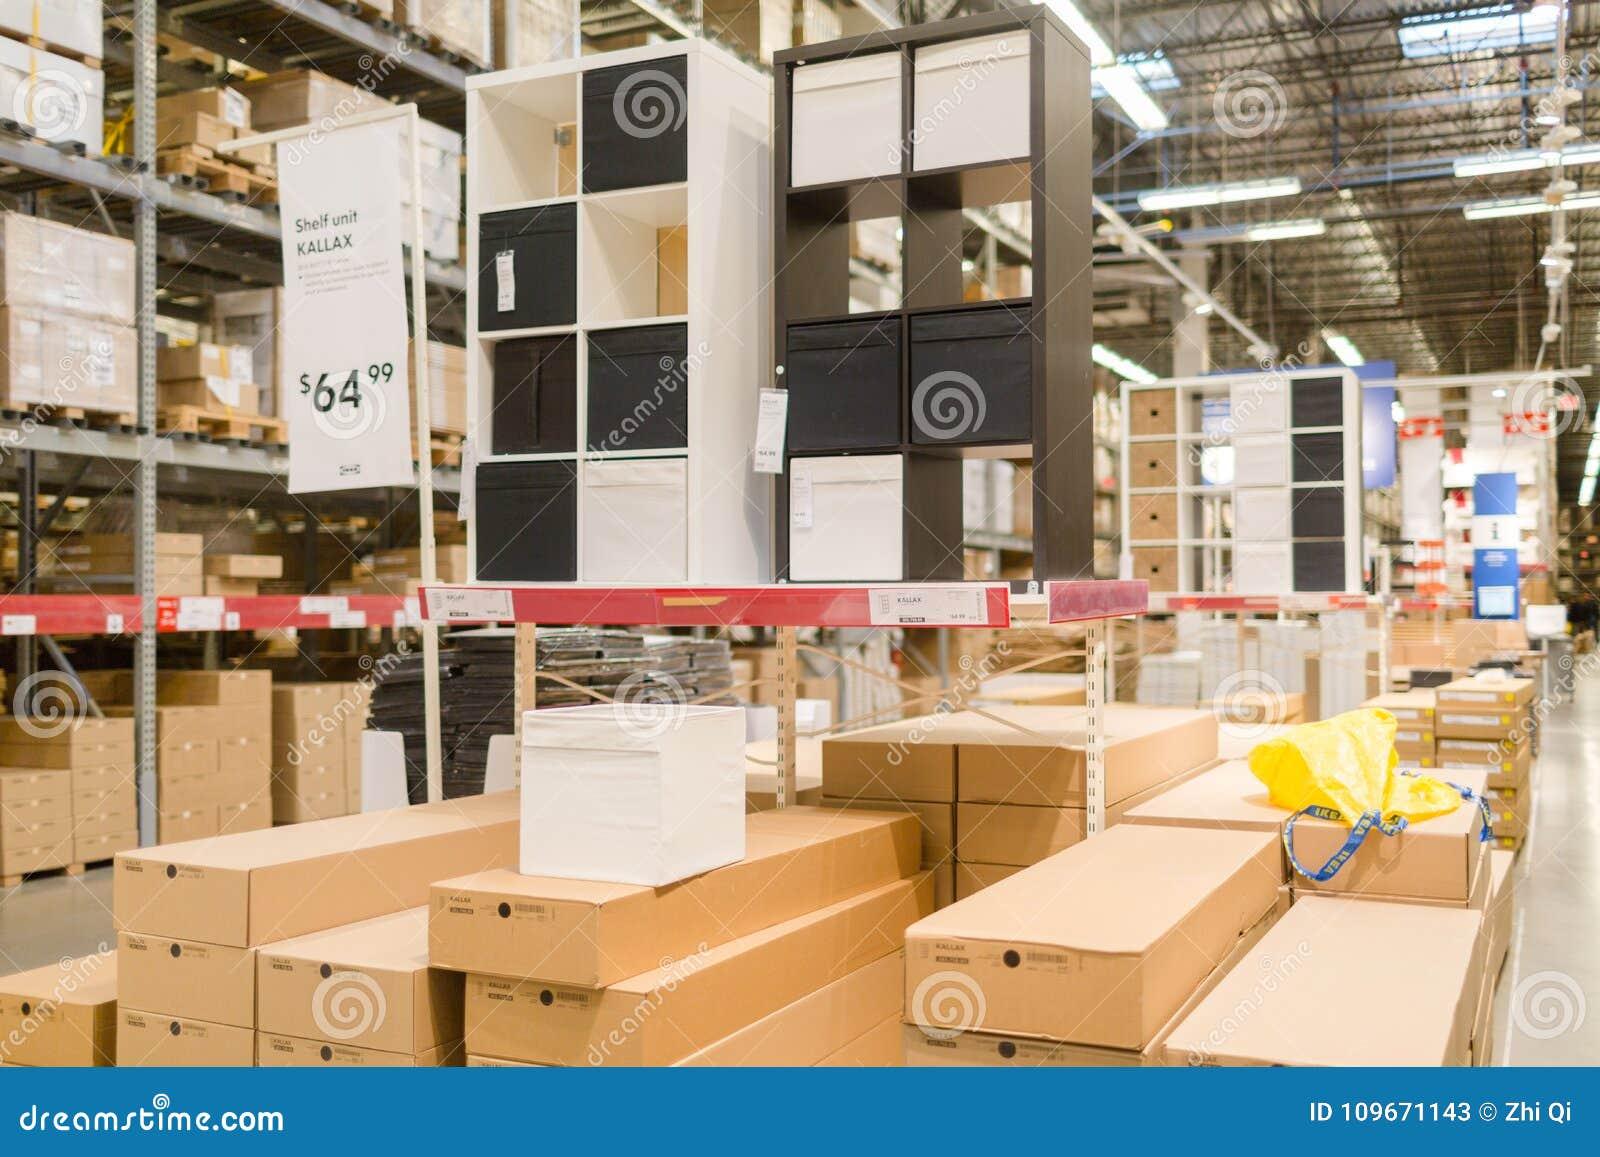 Ikea Jest Wielonarodowym Firmą Który Projektuje I Sprzedaje